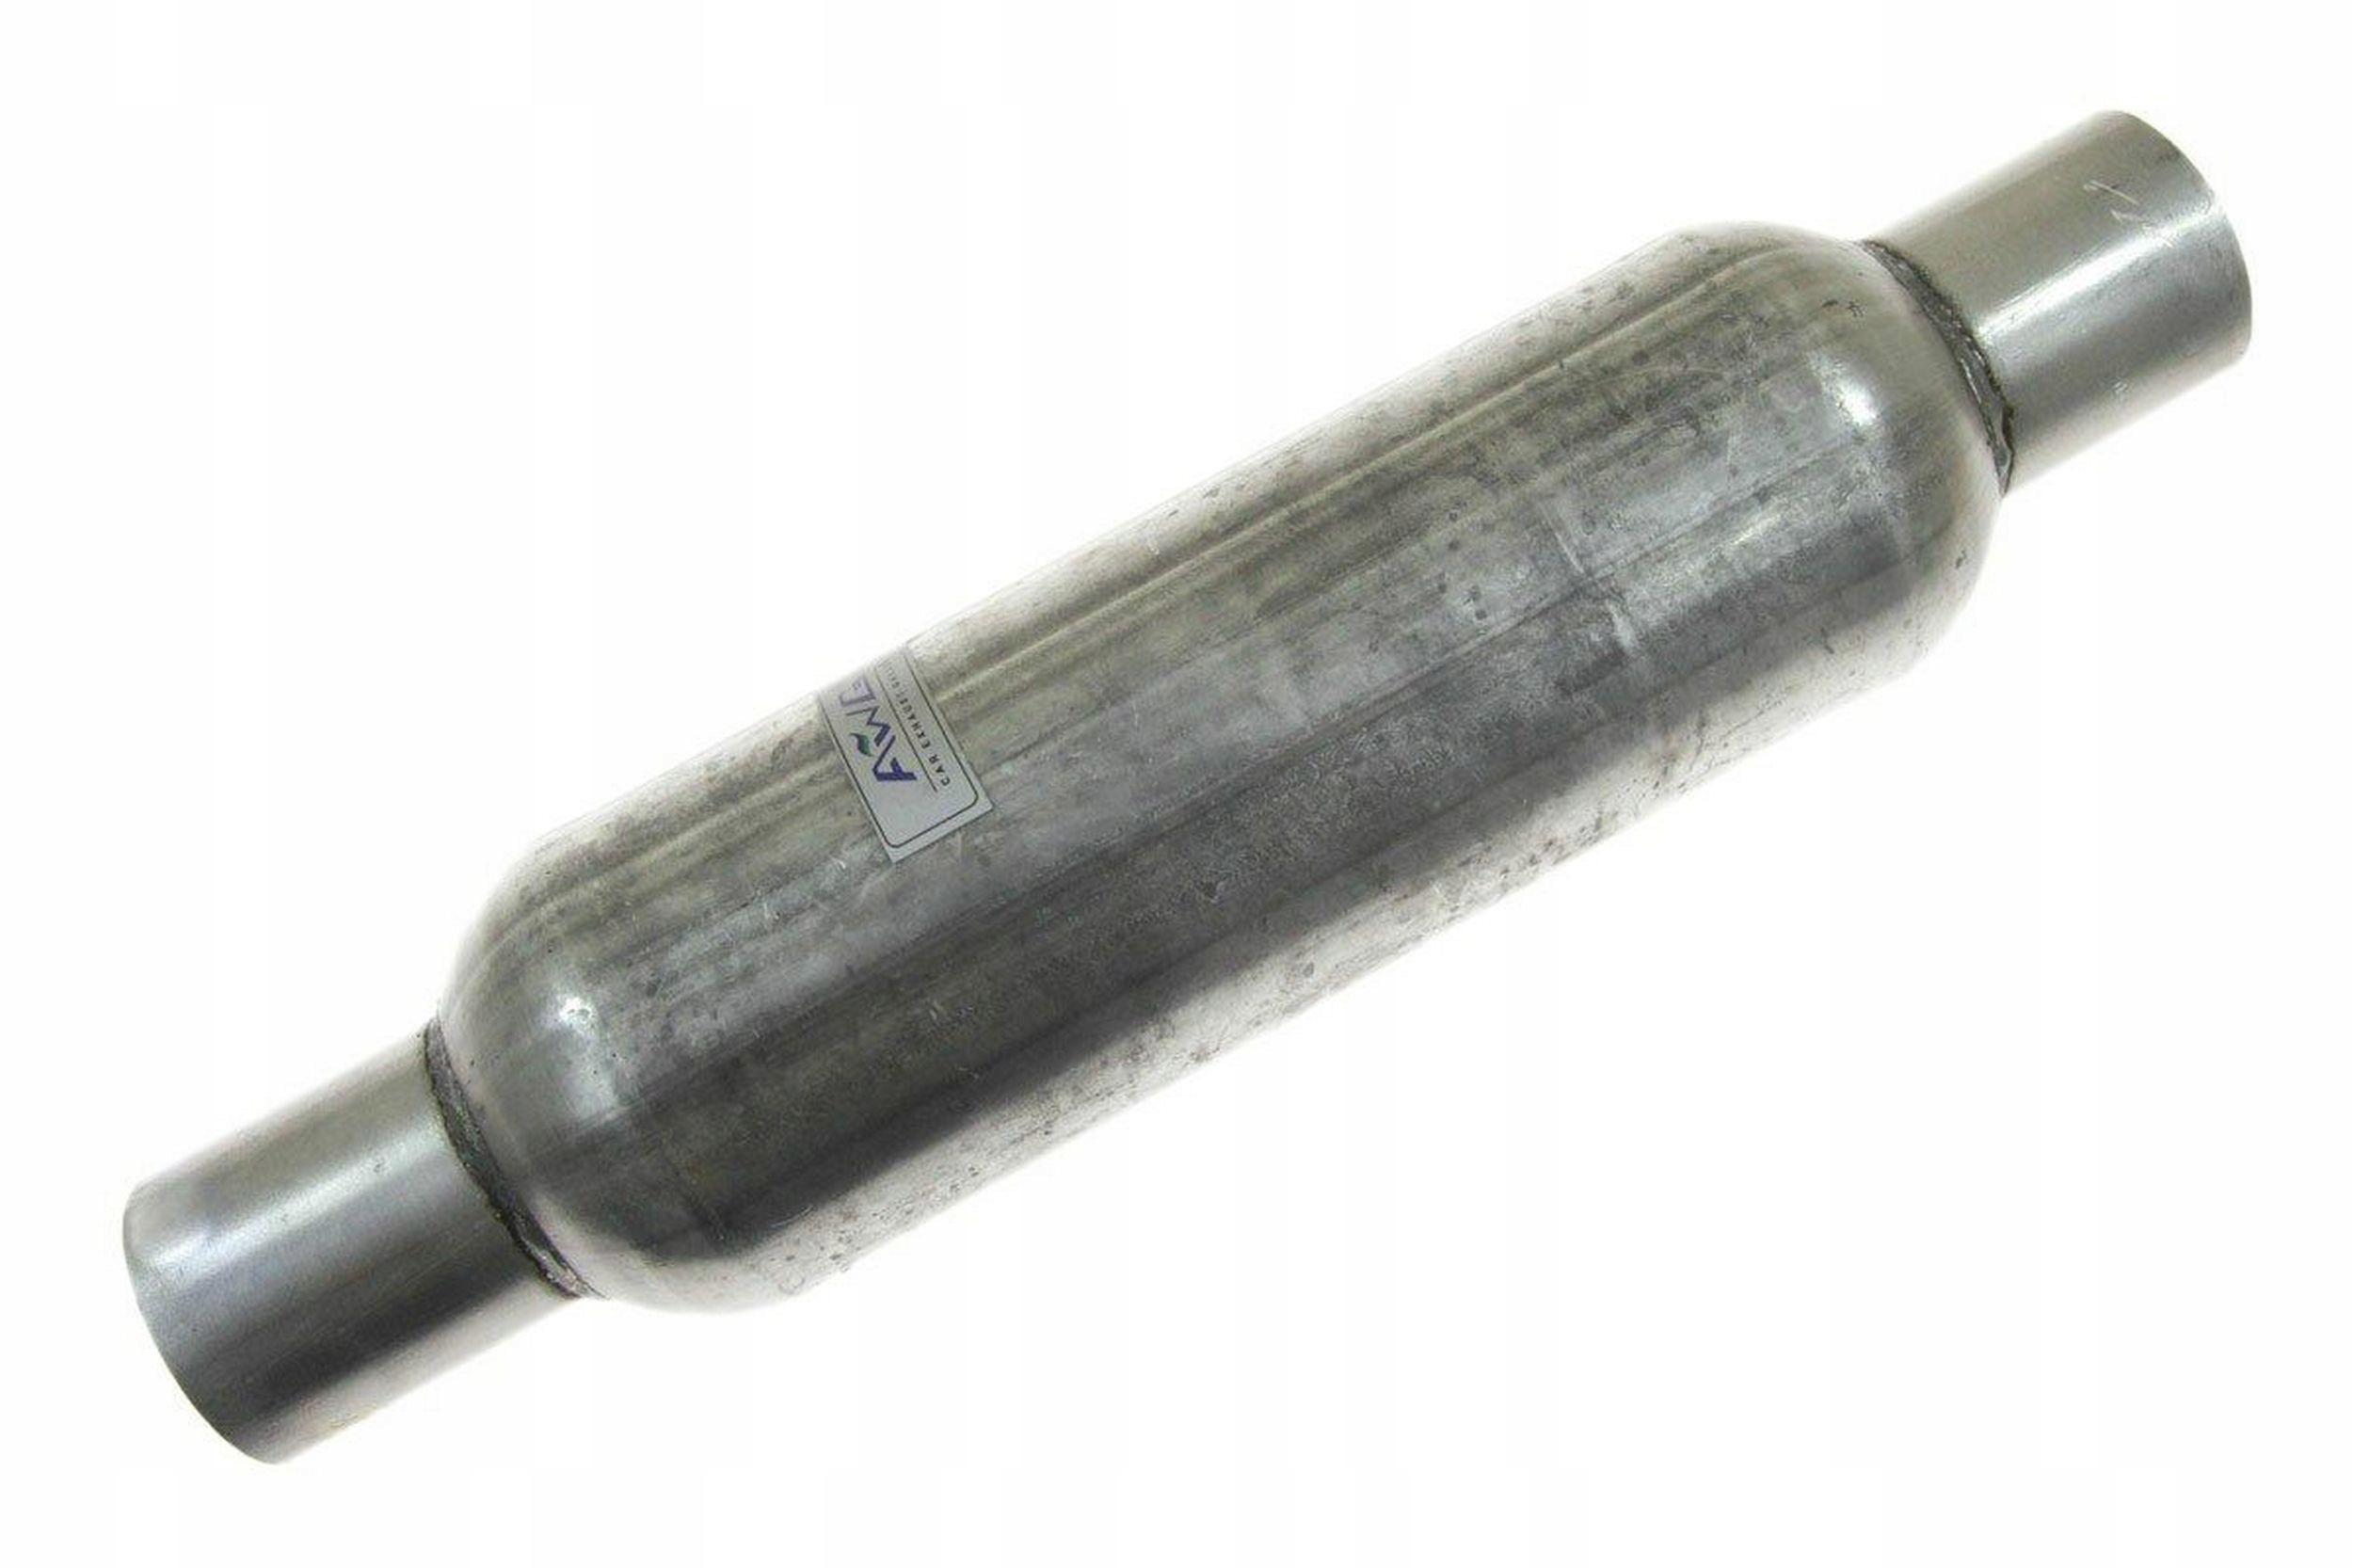 глушитель Средний fi 65mm спортивный сквозное awg